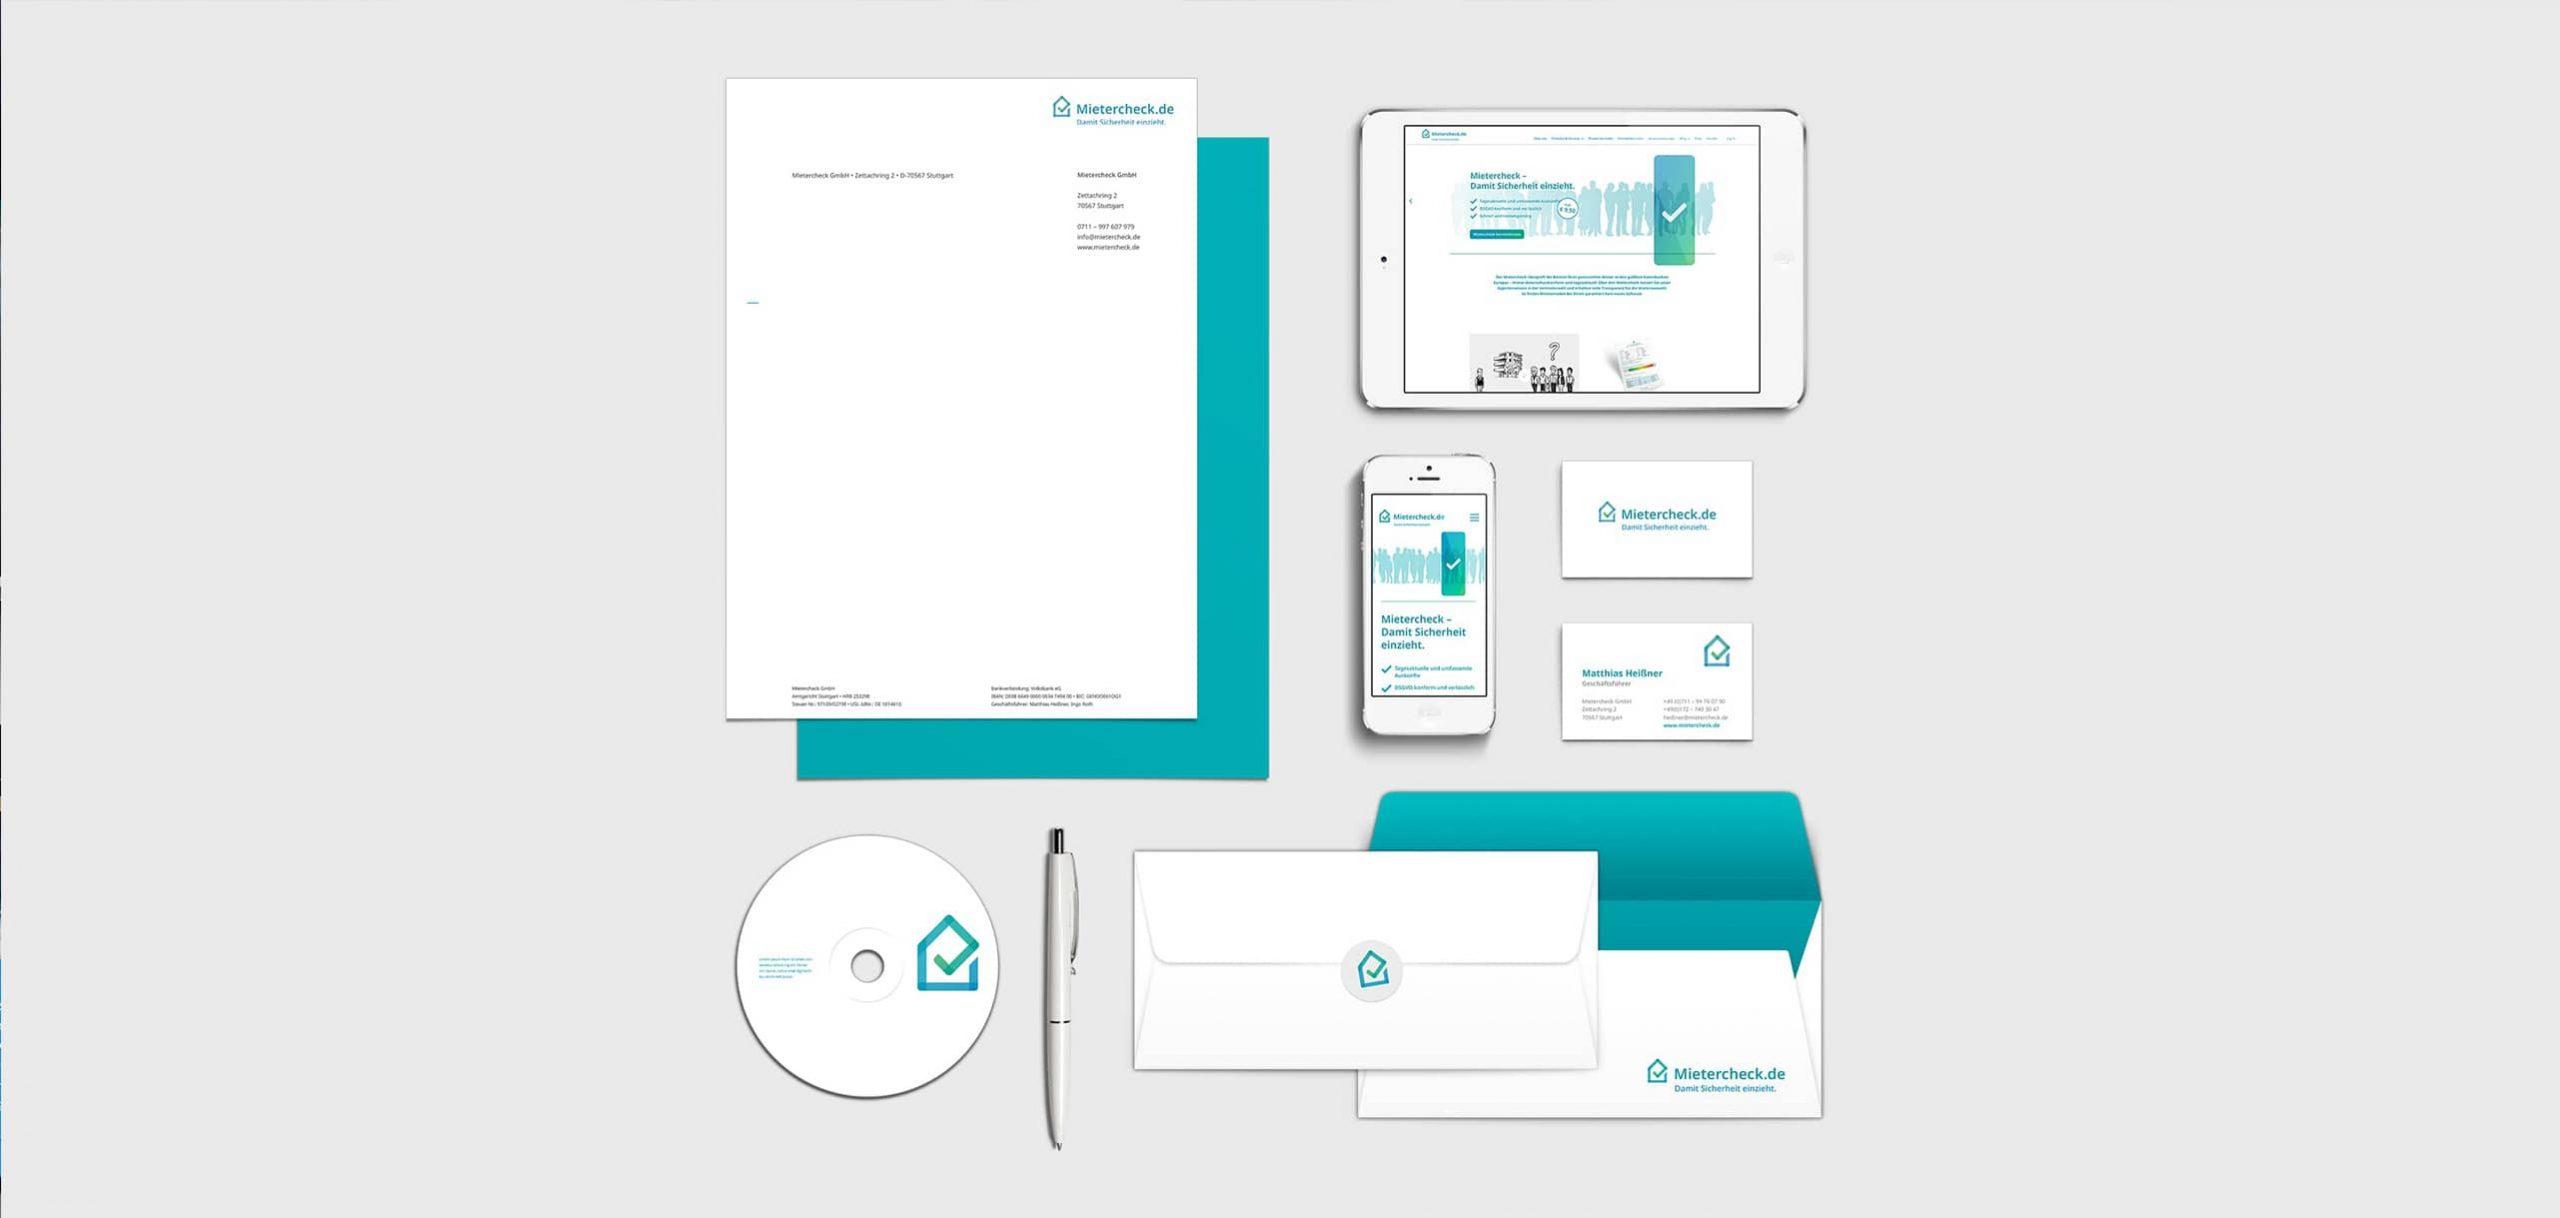 Mietercheck_Corporate_Design